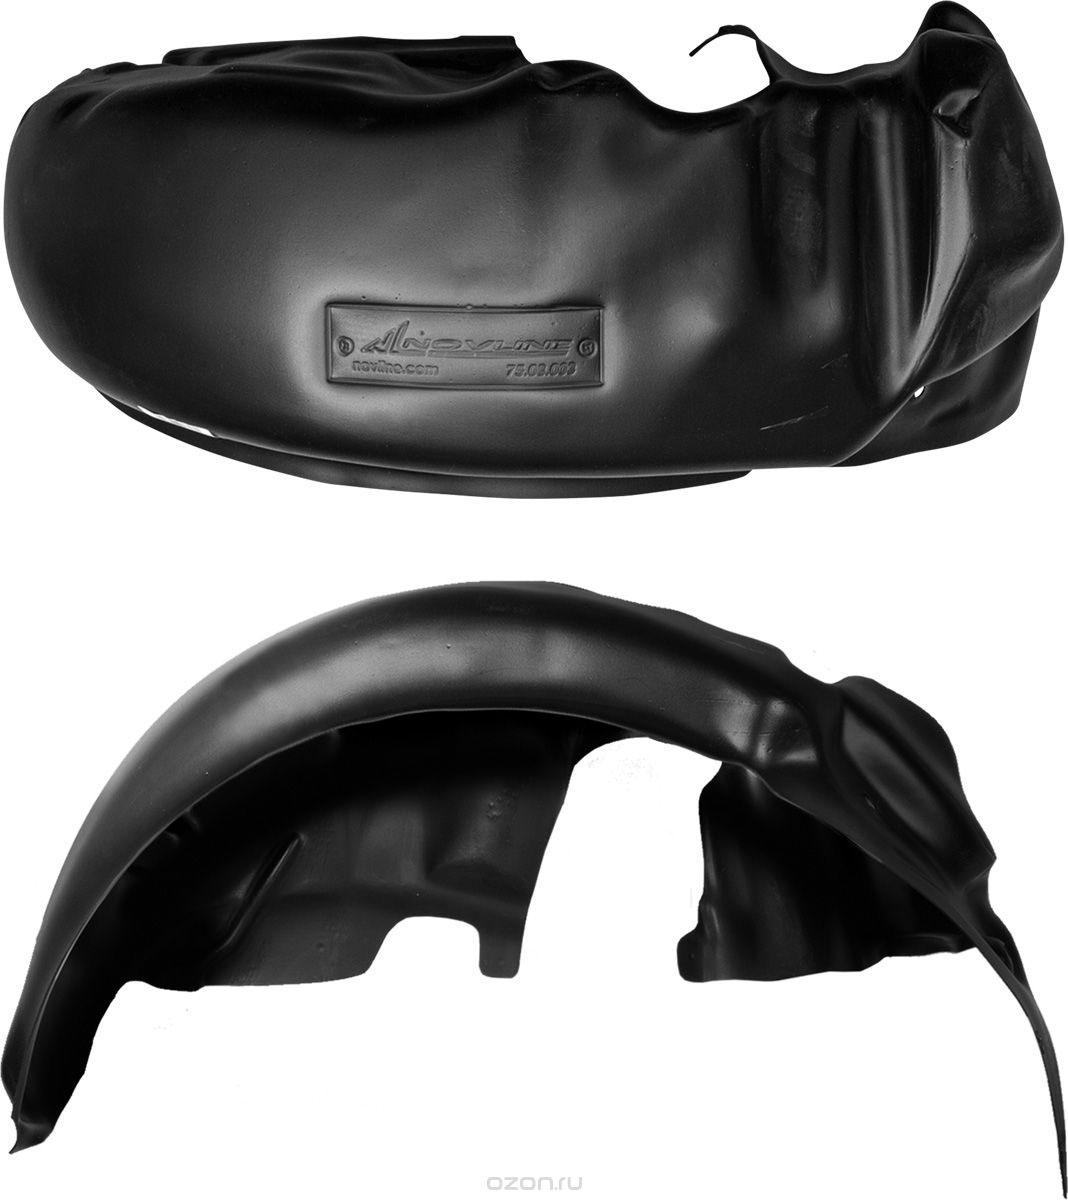 Подкрылок Novline-Autofamily, для Toyota Avensis, 2009->, передний левыйNLL.48.19.001Идеальная защита колесной ниши. Локеры разработаны с применением цифровых технологий, гарантируют максимальную повторяемость поверхности арки. Изделия устанавливаются без нарушения лакокрасочного покрытия автомобиля, каждый подкрылок комплектуется крепежом. Уважаемые клиенты, обращаем ваше внимание, что фотографии на подкрылки универсальные и не отражают реальную форму изделия. При этом само изделие идет точно под размер указанного автомобиля.